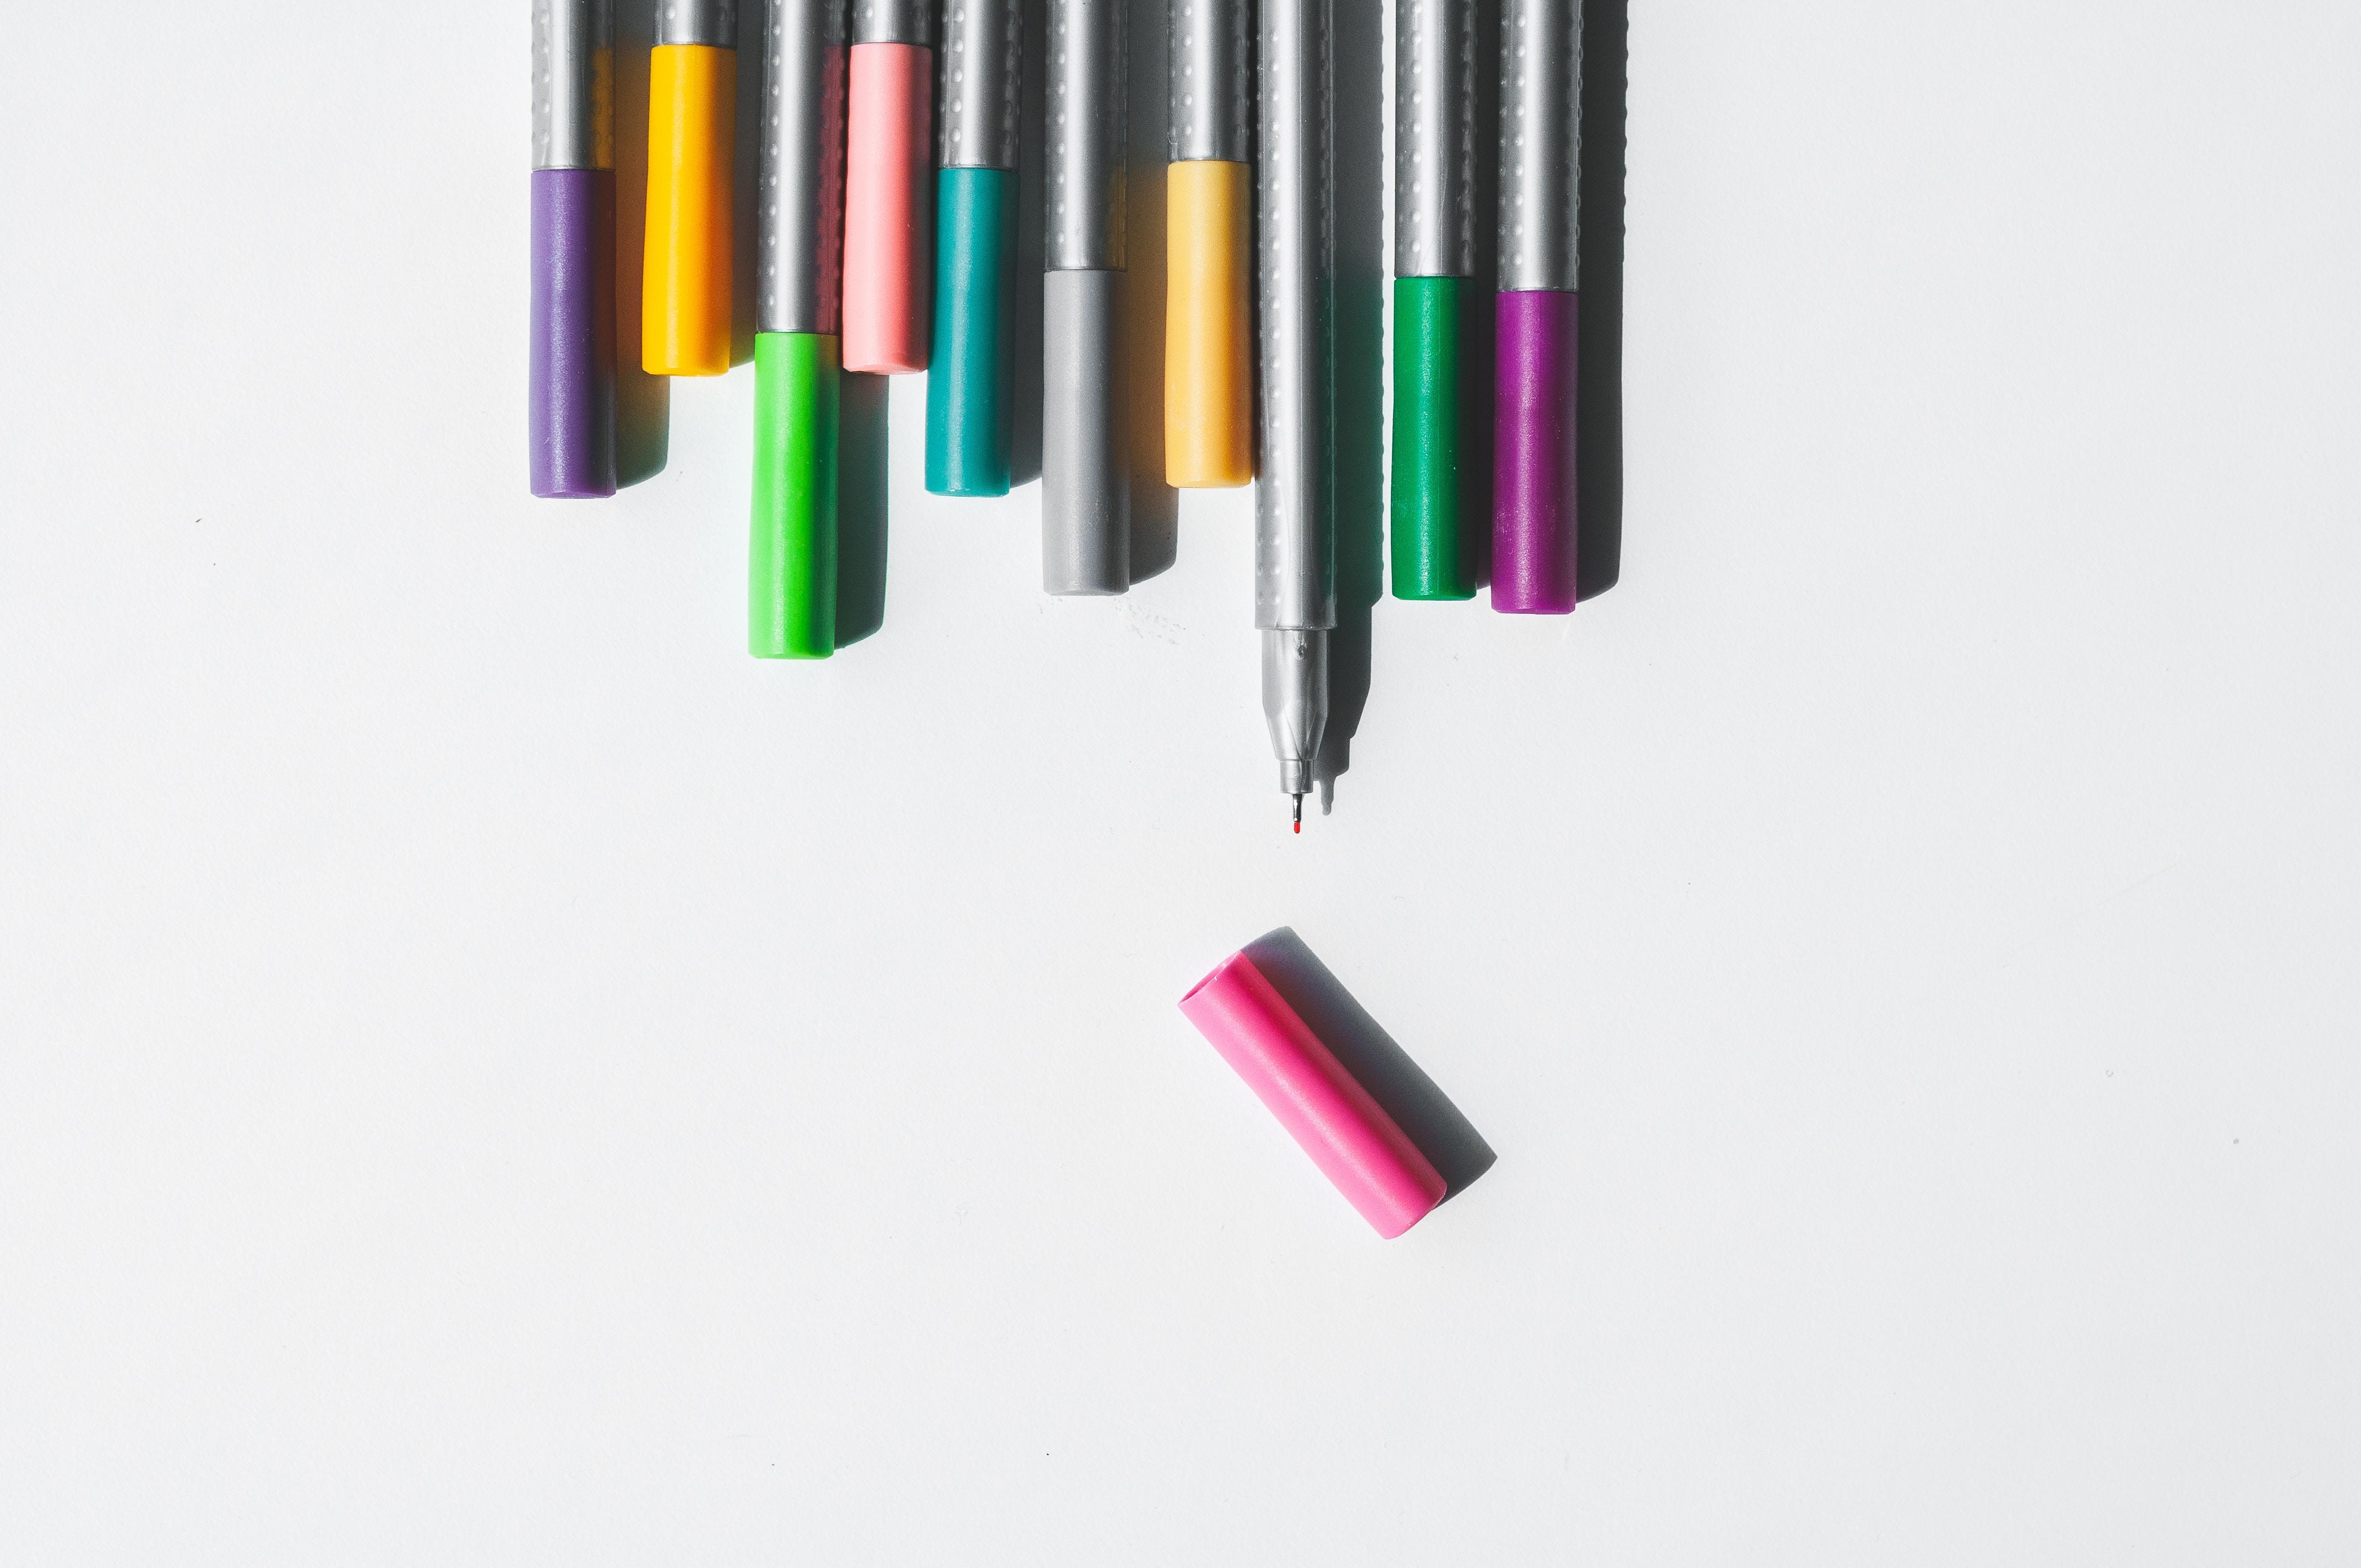 kreativita-moznosti-milujeme-jogu